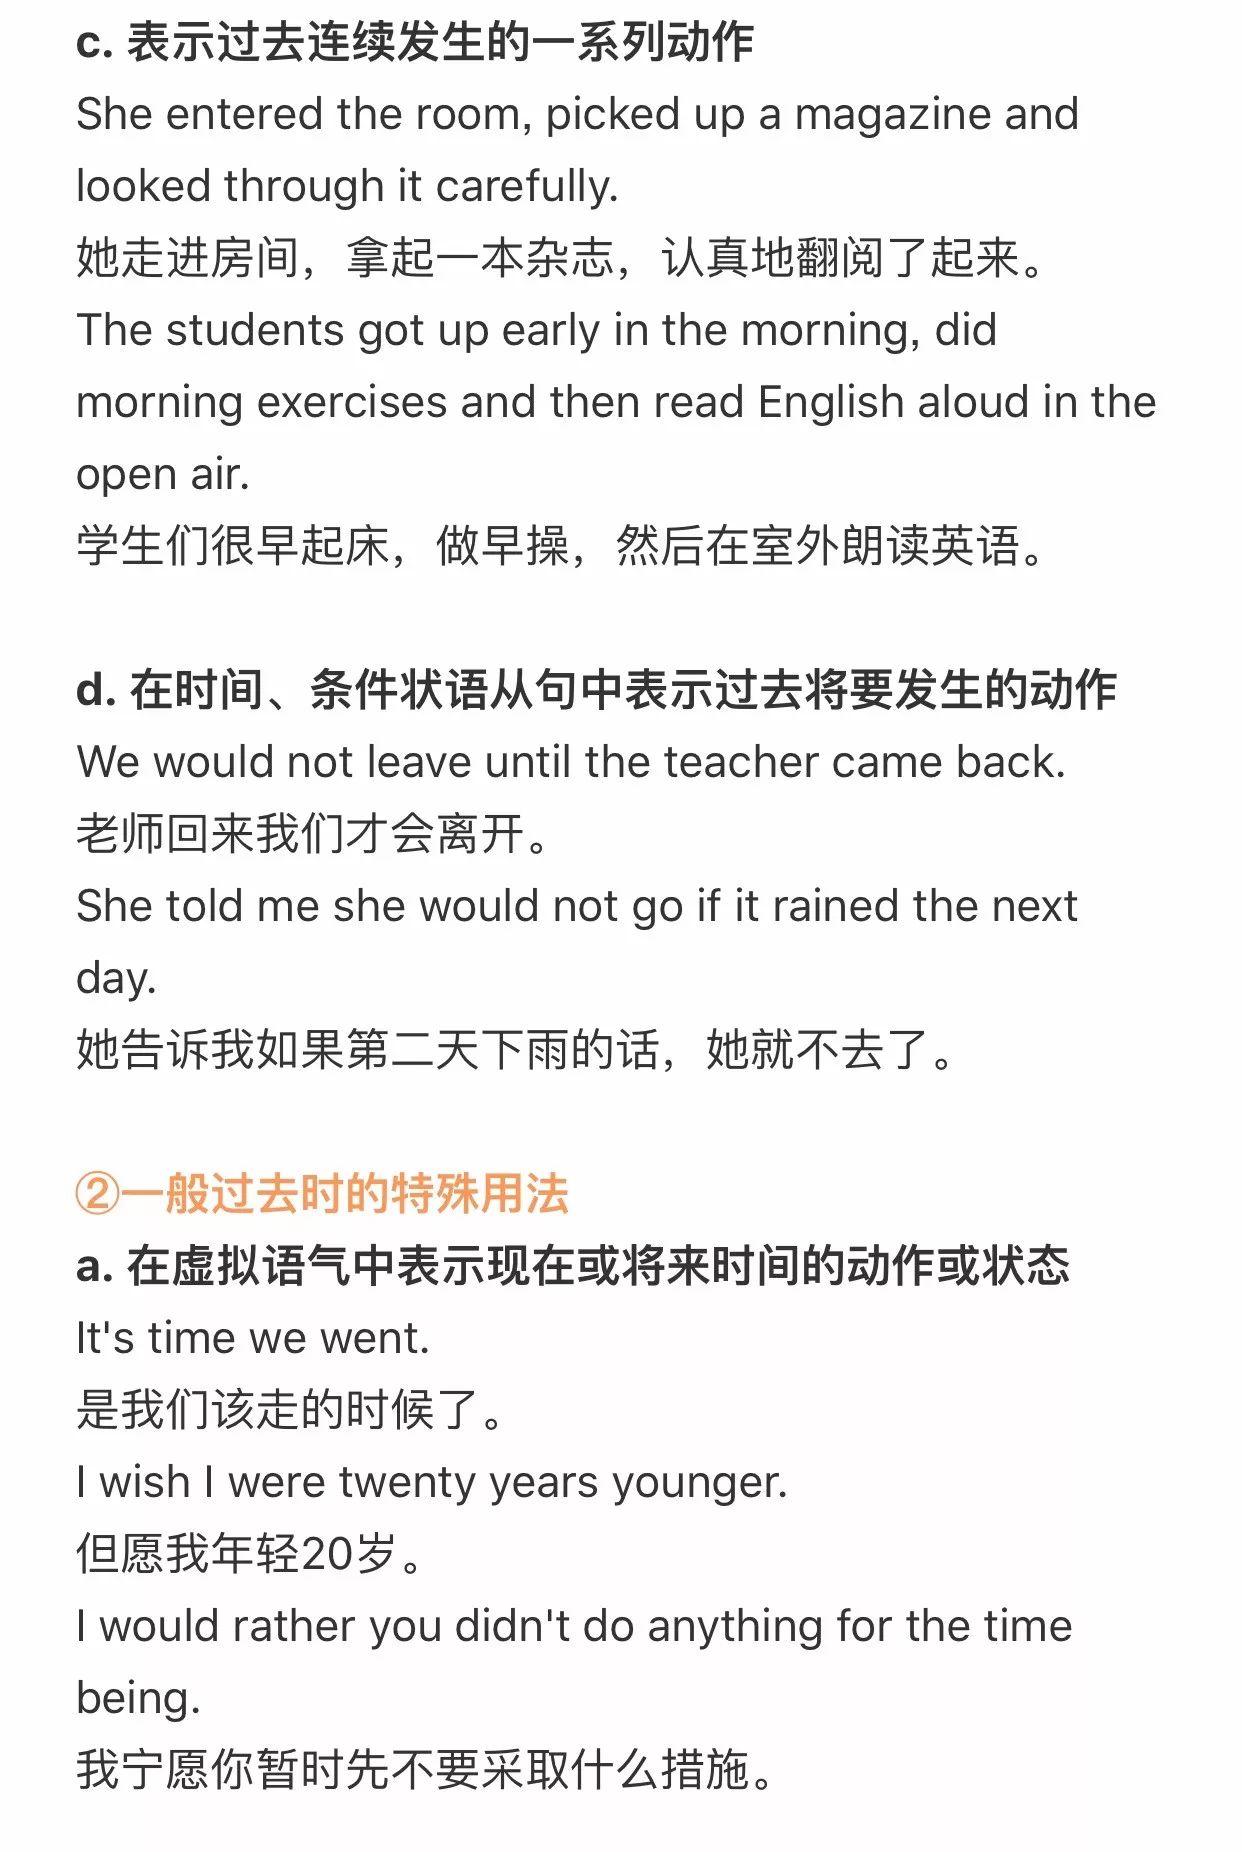 长沙新东方学校 高考 高考备考 知识点 英语 正文 距离2019年高考还